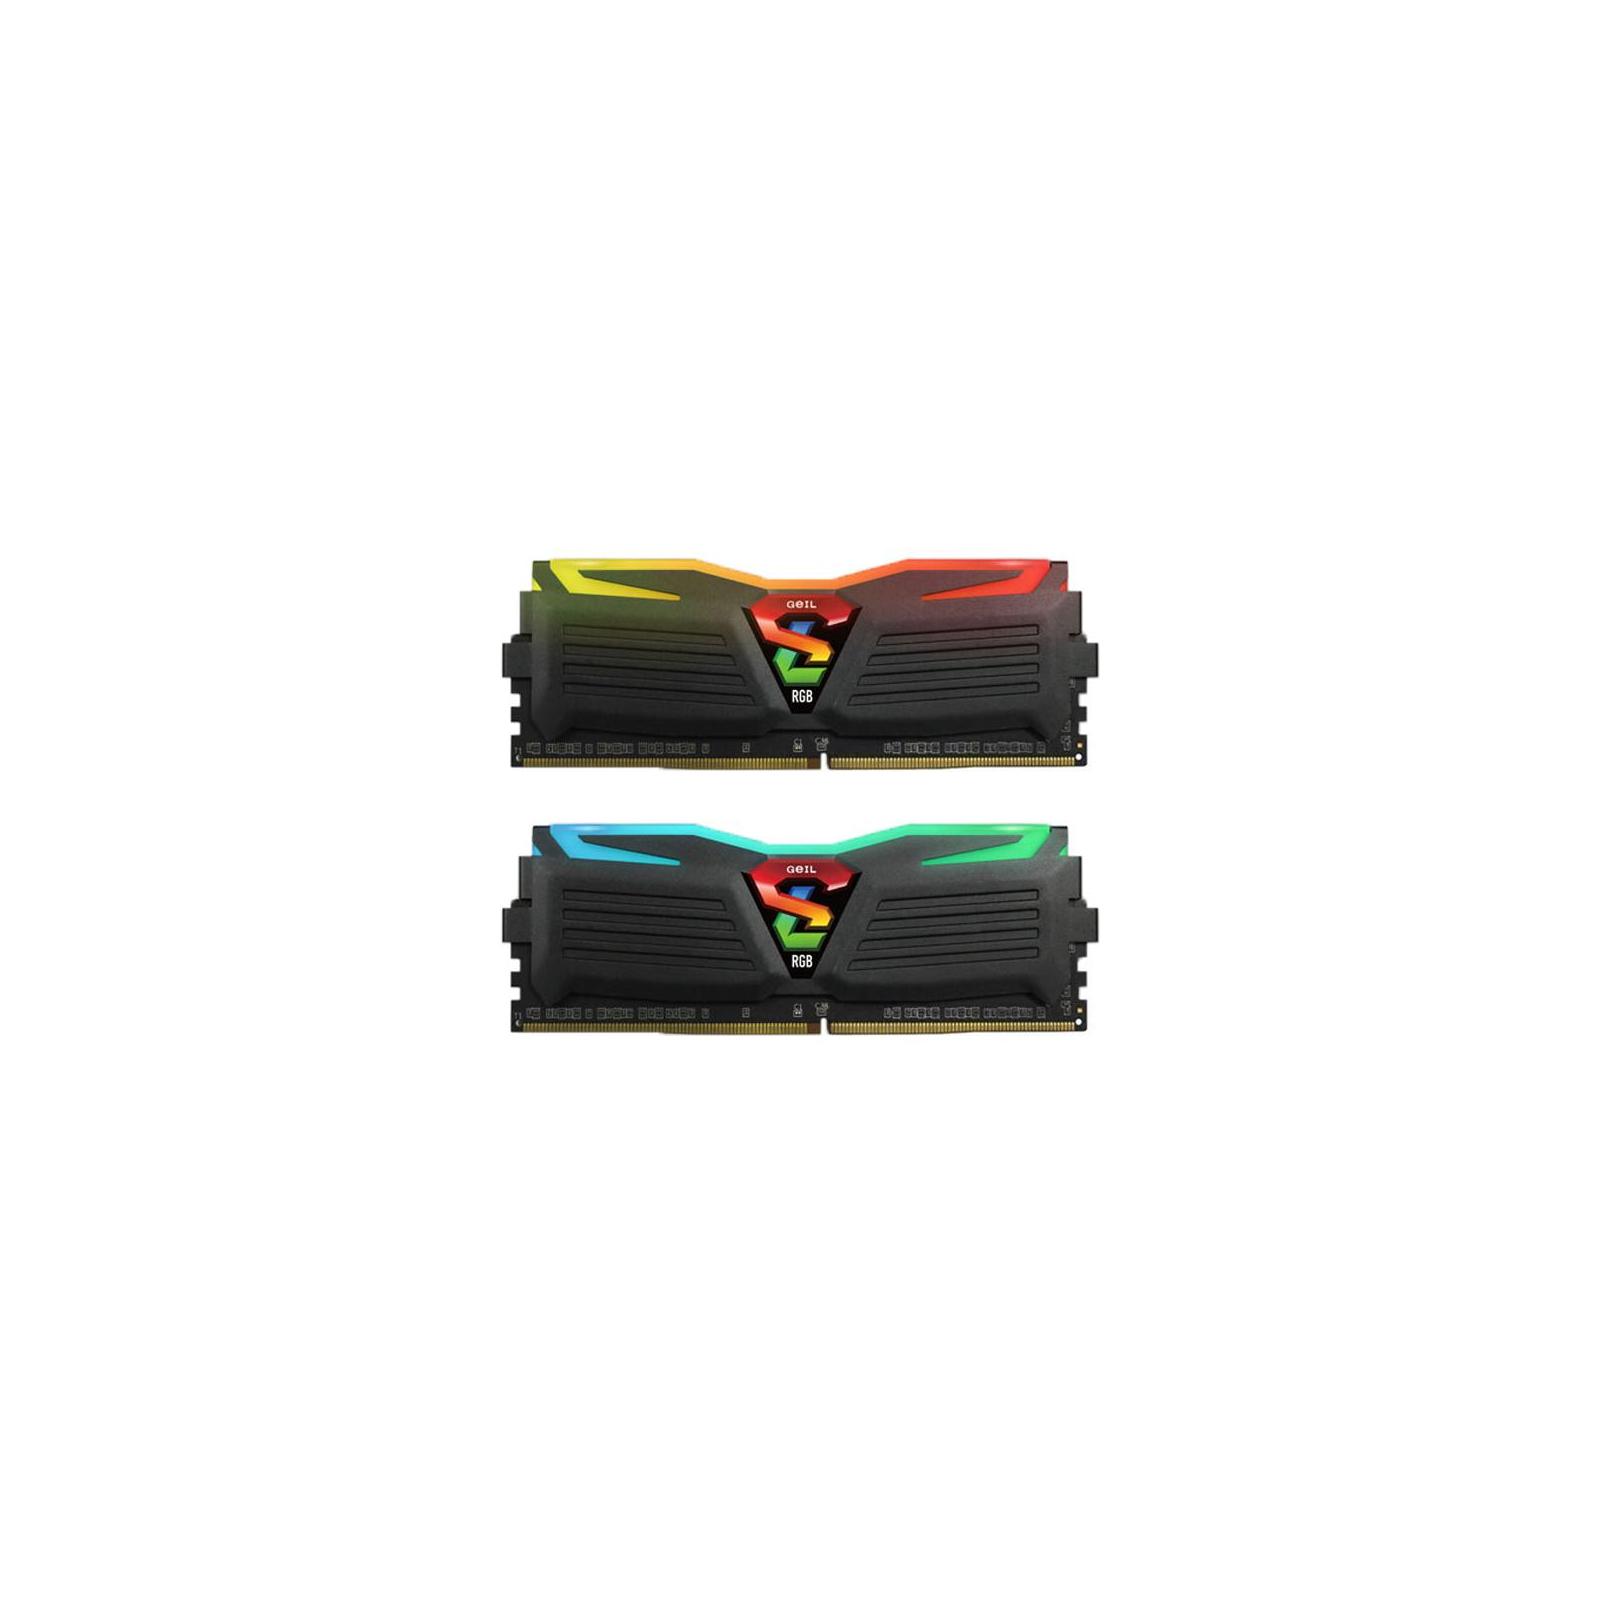 Модуль памяти для компьютера DDR4 16GB (2x8GB) 3000 MHz Super Luce Black RGB LED Geil (GLC416GB3000C16ADC)